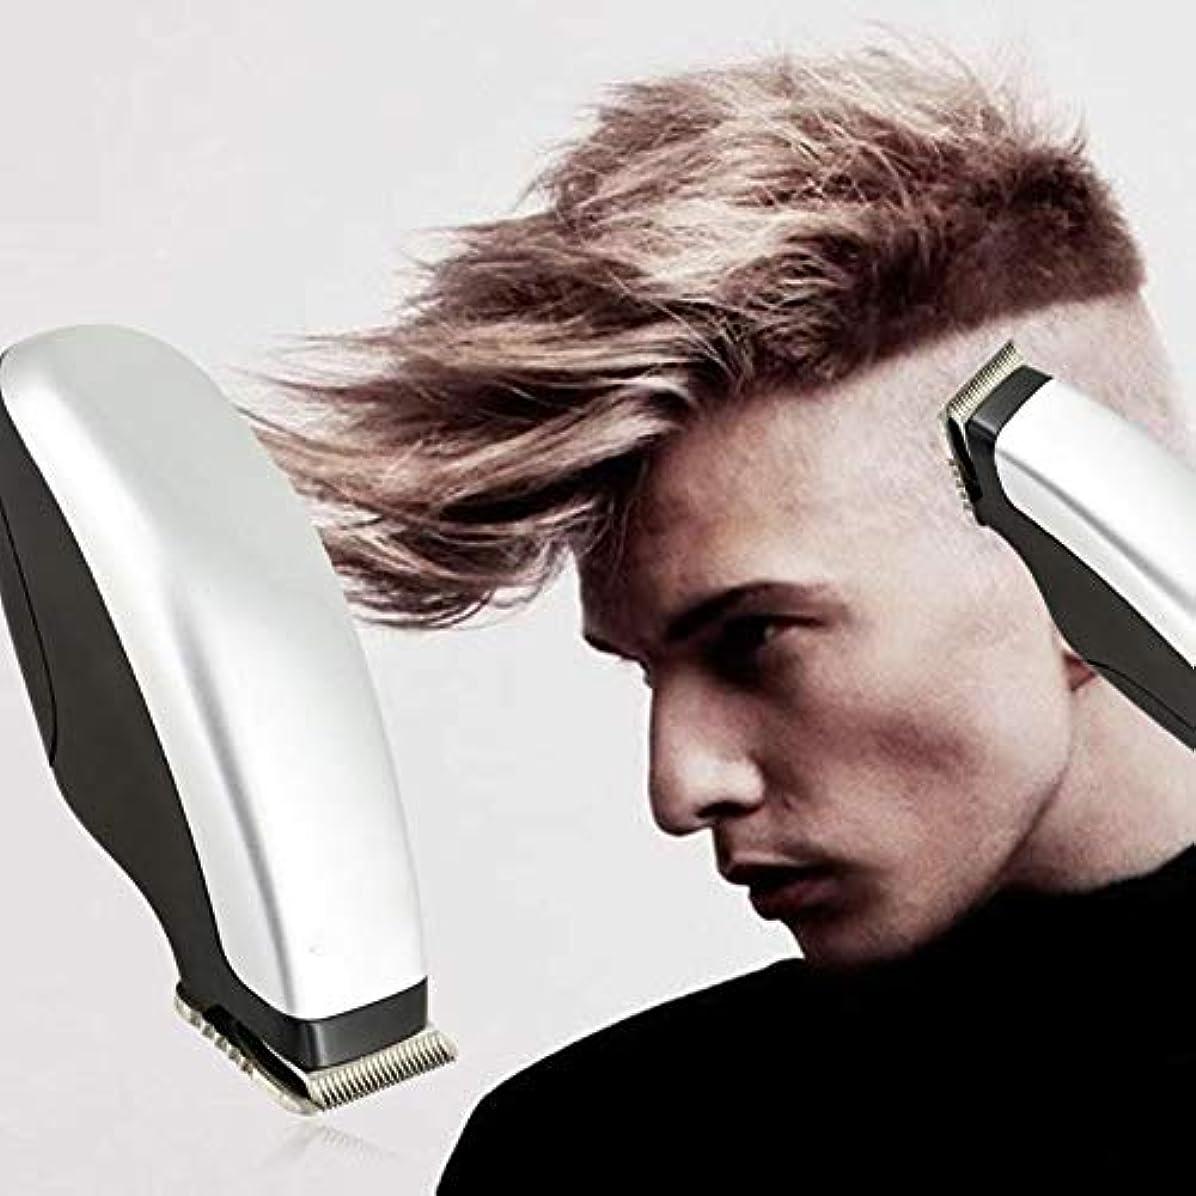 一握り疲労発火するバリカンミニポータブルデザイン電動ヘアトリマー切断機髭理髪剃刀用男性スタイルツール